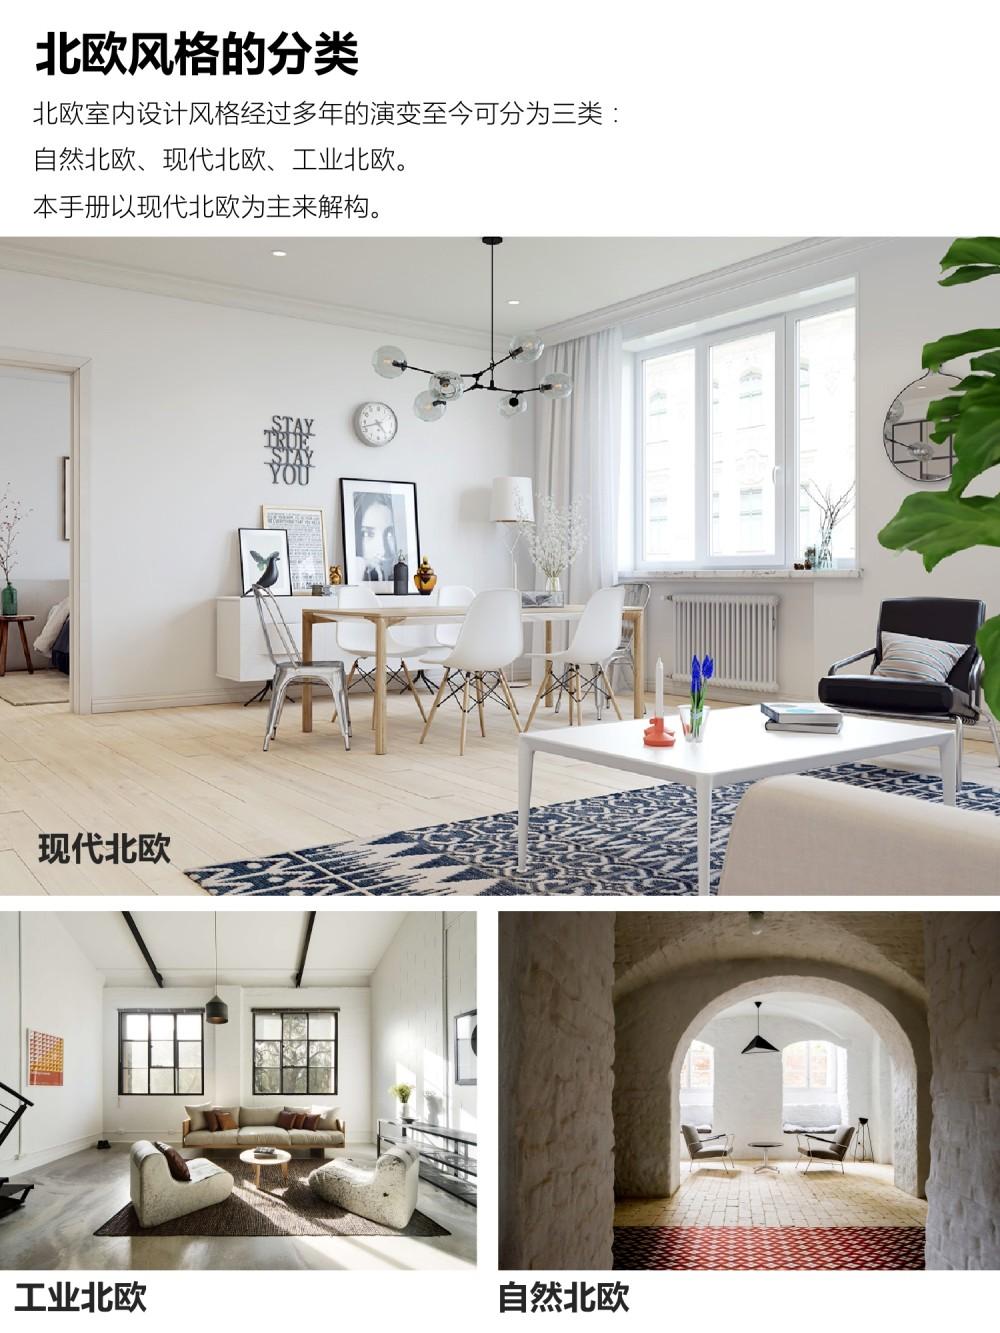 【指导手册】现代北欧风格DIY手册PDF+JPG 93P丨170M丨_03.jpg